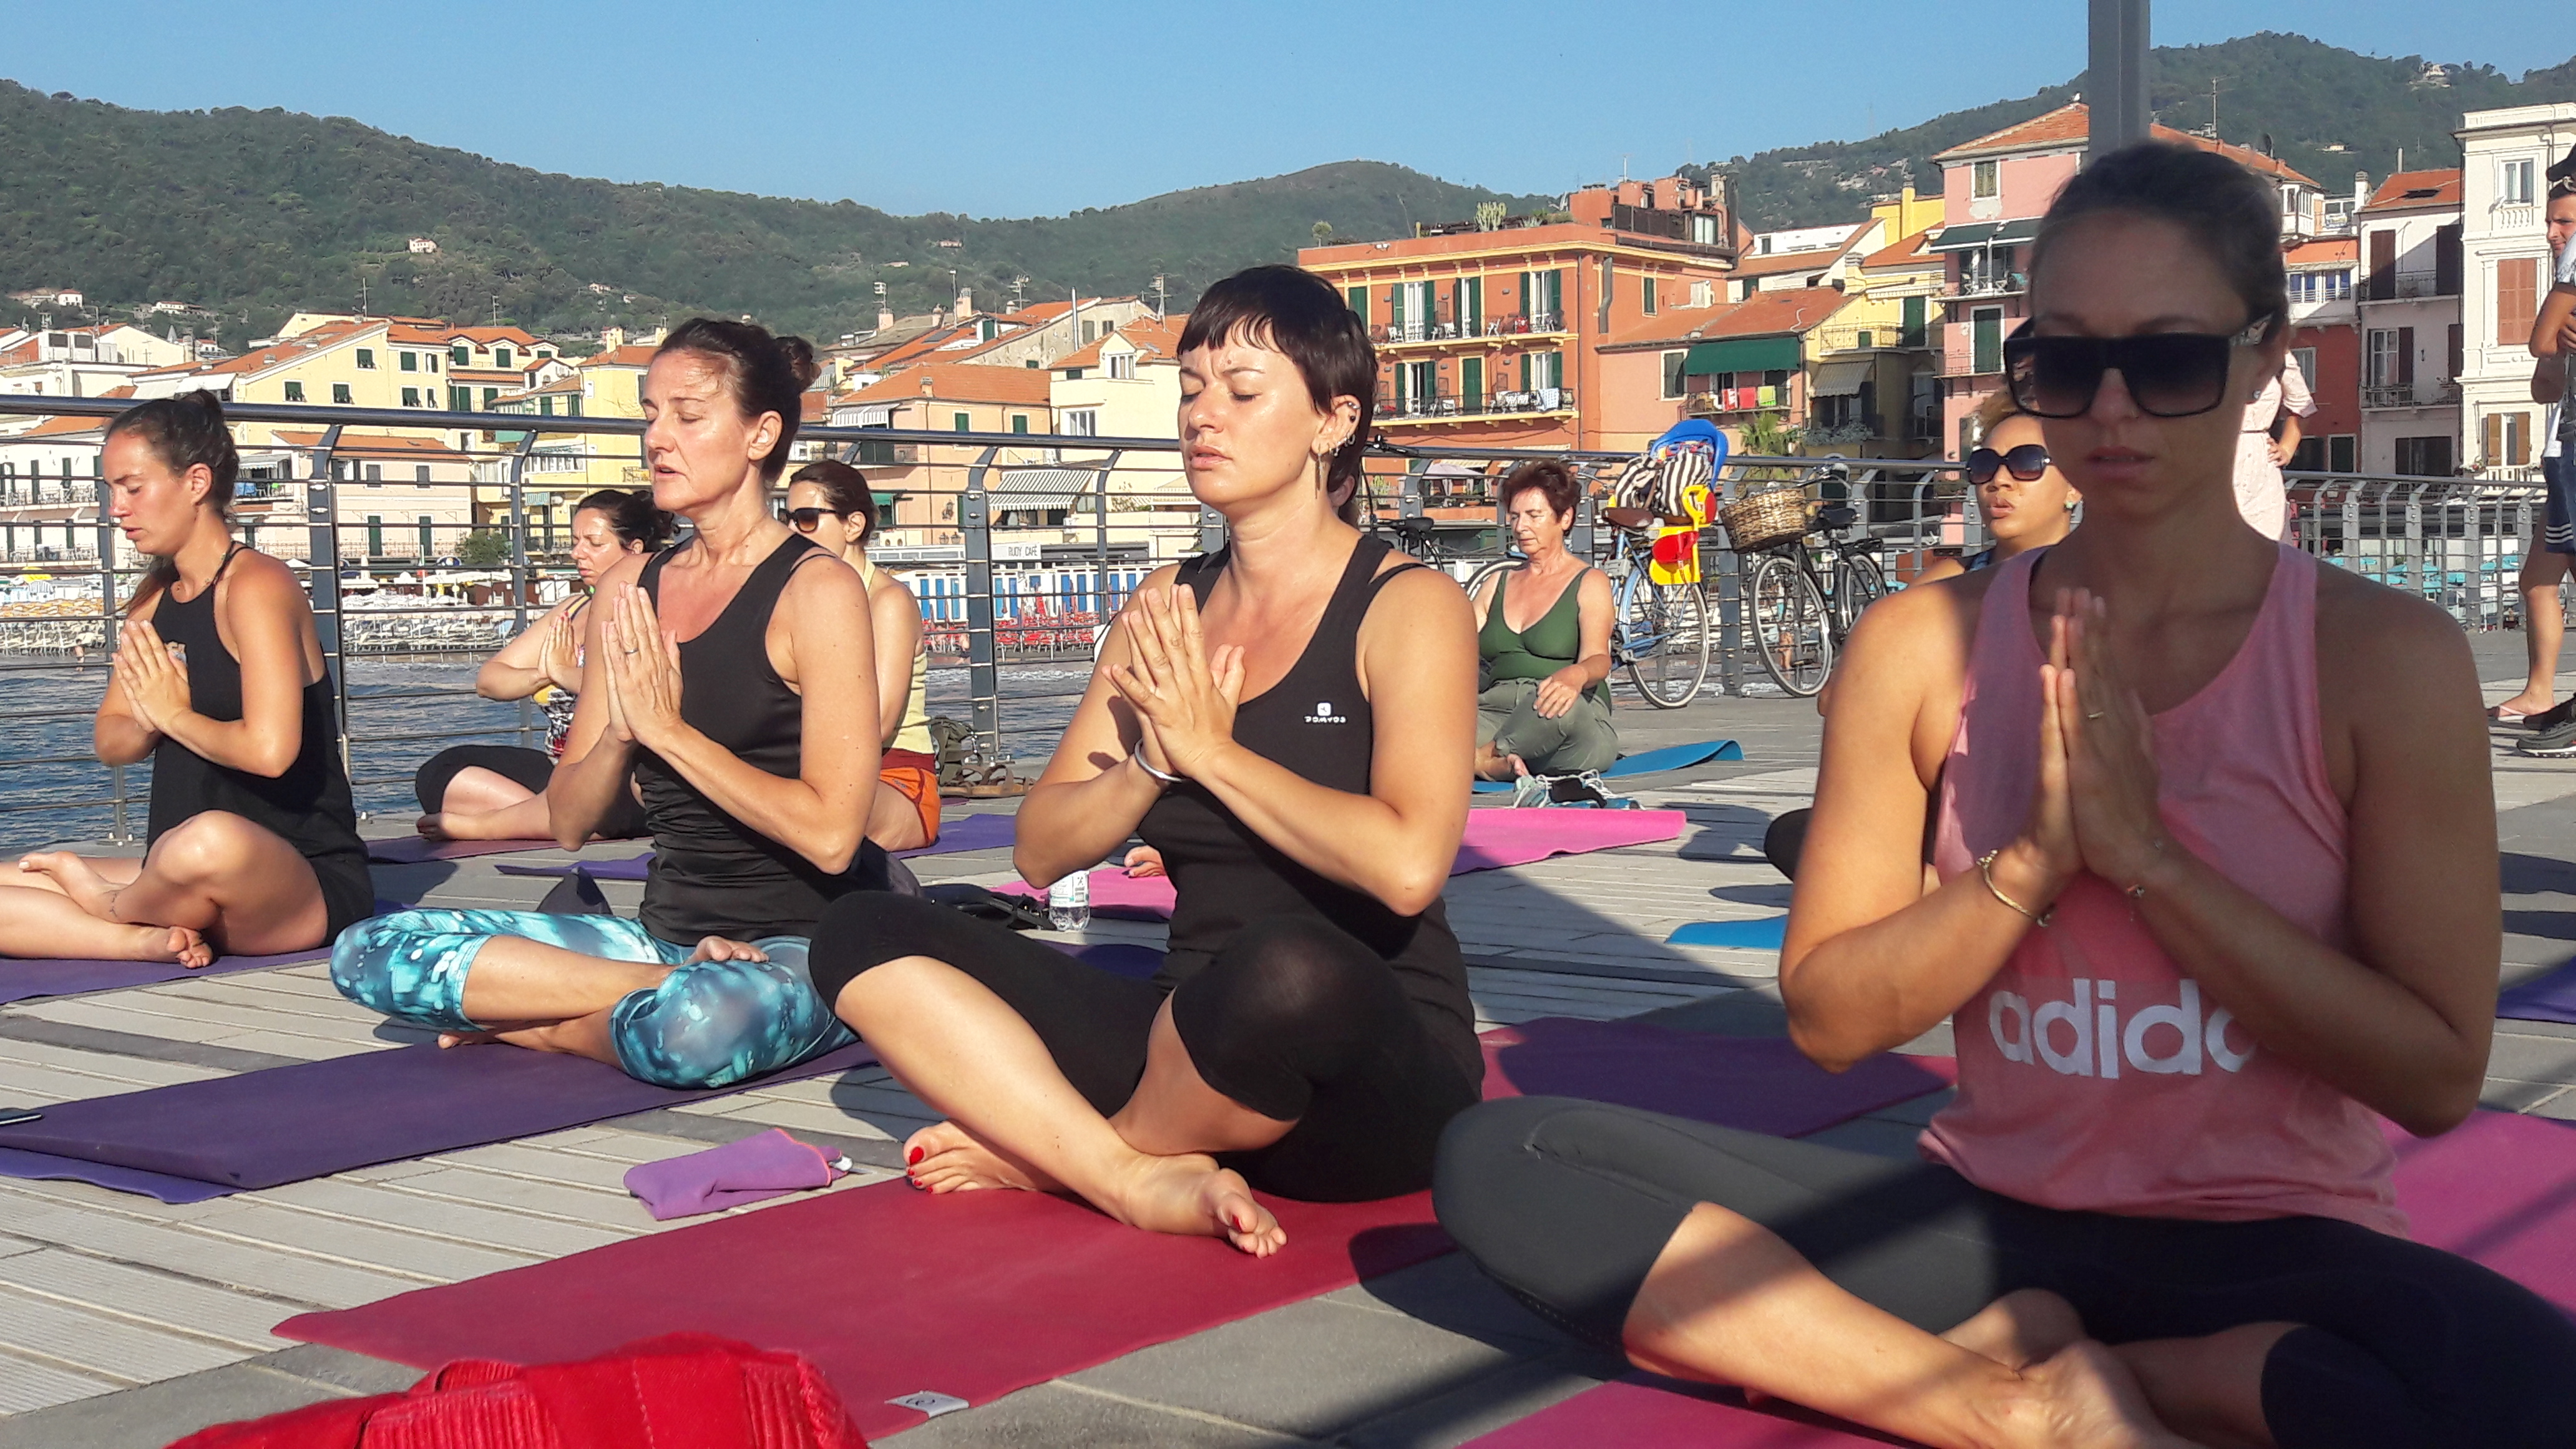 essere-free-yoga-gratuito-benessere-per-tutti-village-citta-alassio-estate-lucia-ragazzi-summer-town-wellness-045